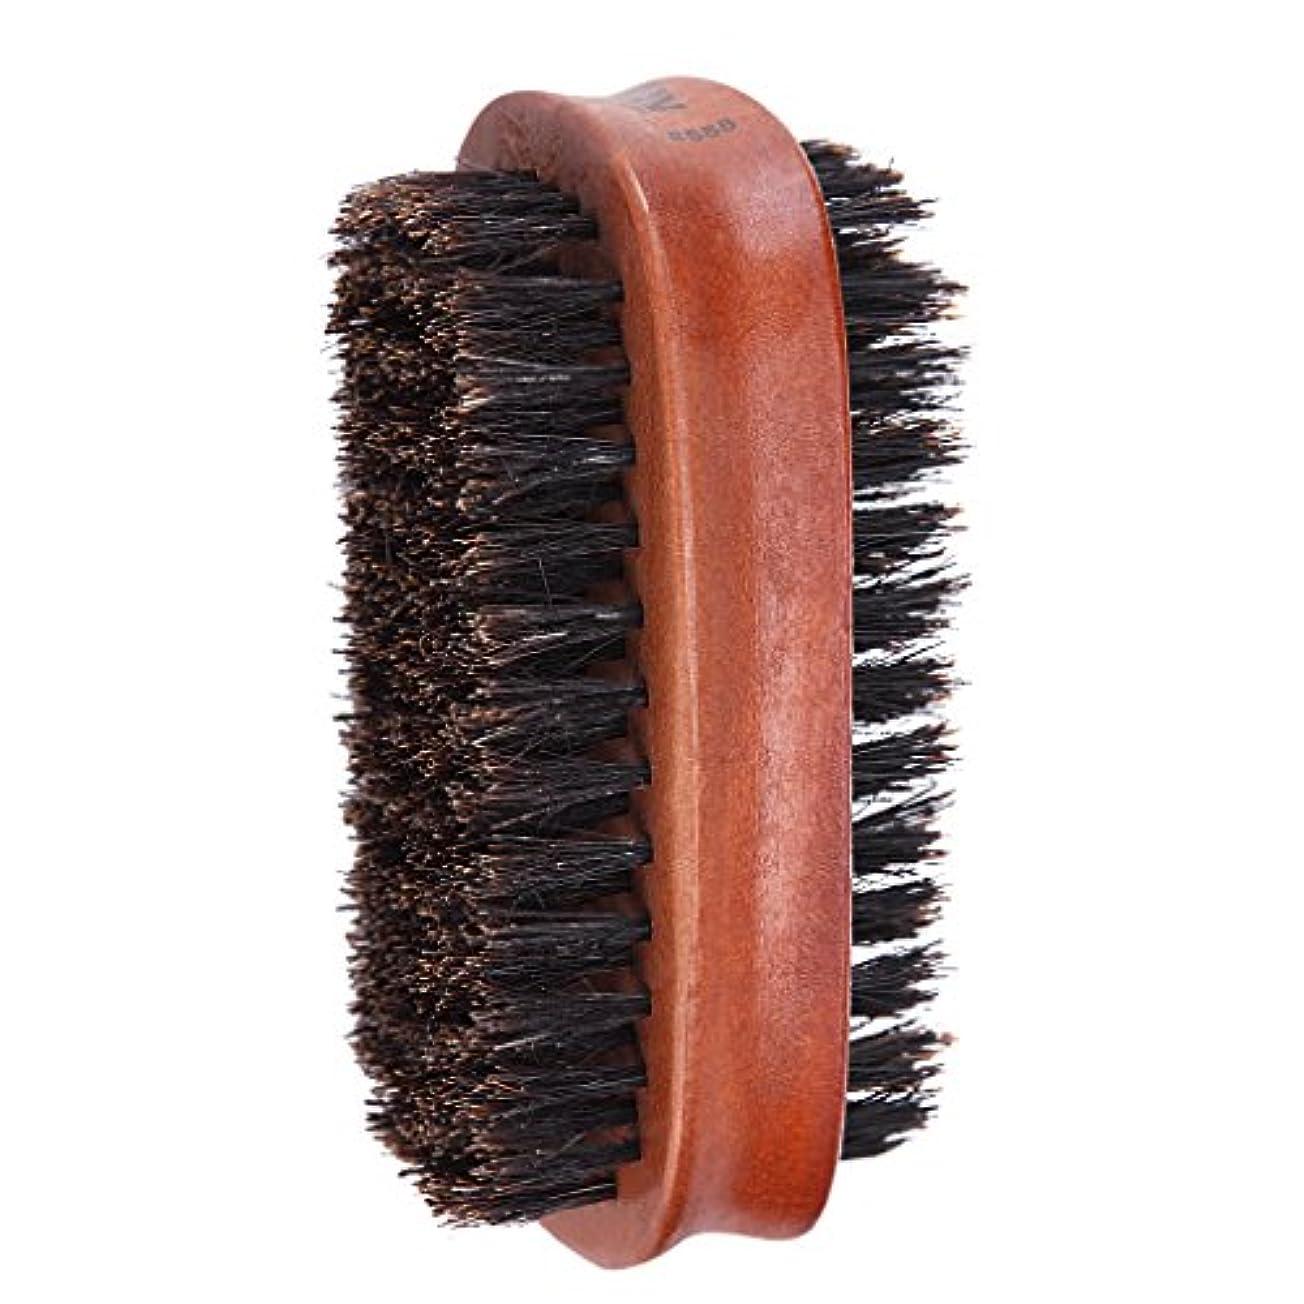 Toygogo ヘアブラシ 両面ブラシ 男性 髭 口ひげ グルーミングブラシ ブリストルブラシ